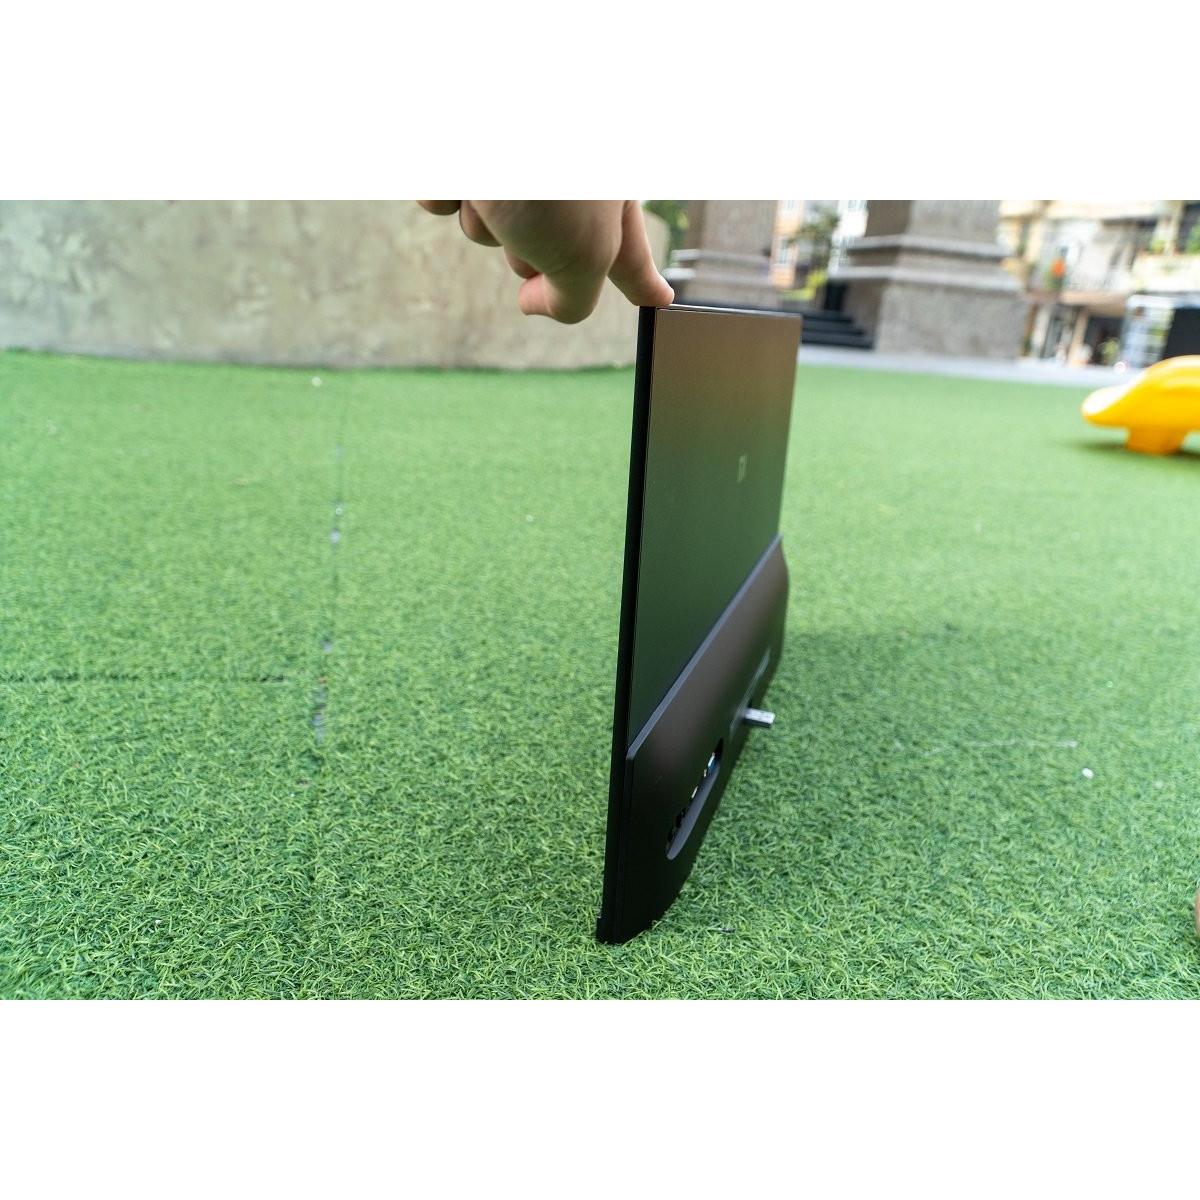 Màn hình Xiaomi 24 Inch BHR4510GL   Full HD 1920x1080p   IPS   Ánh sáng Xanh bảo vệ mắt - Hàng Chính Hãng